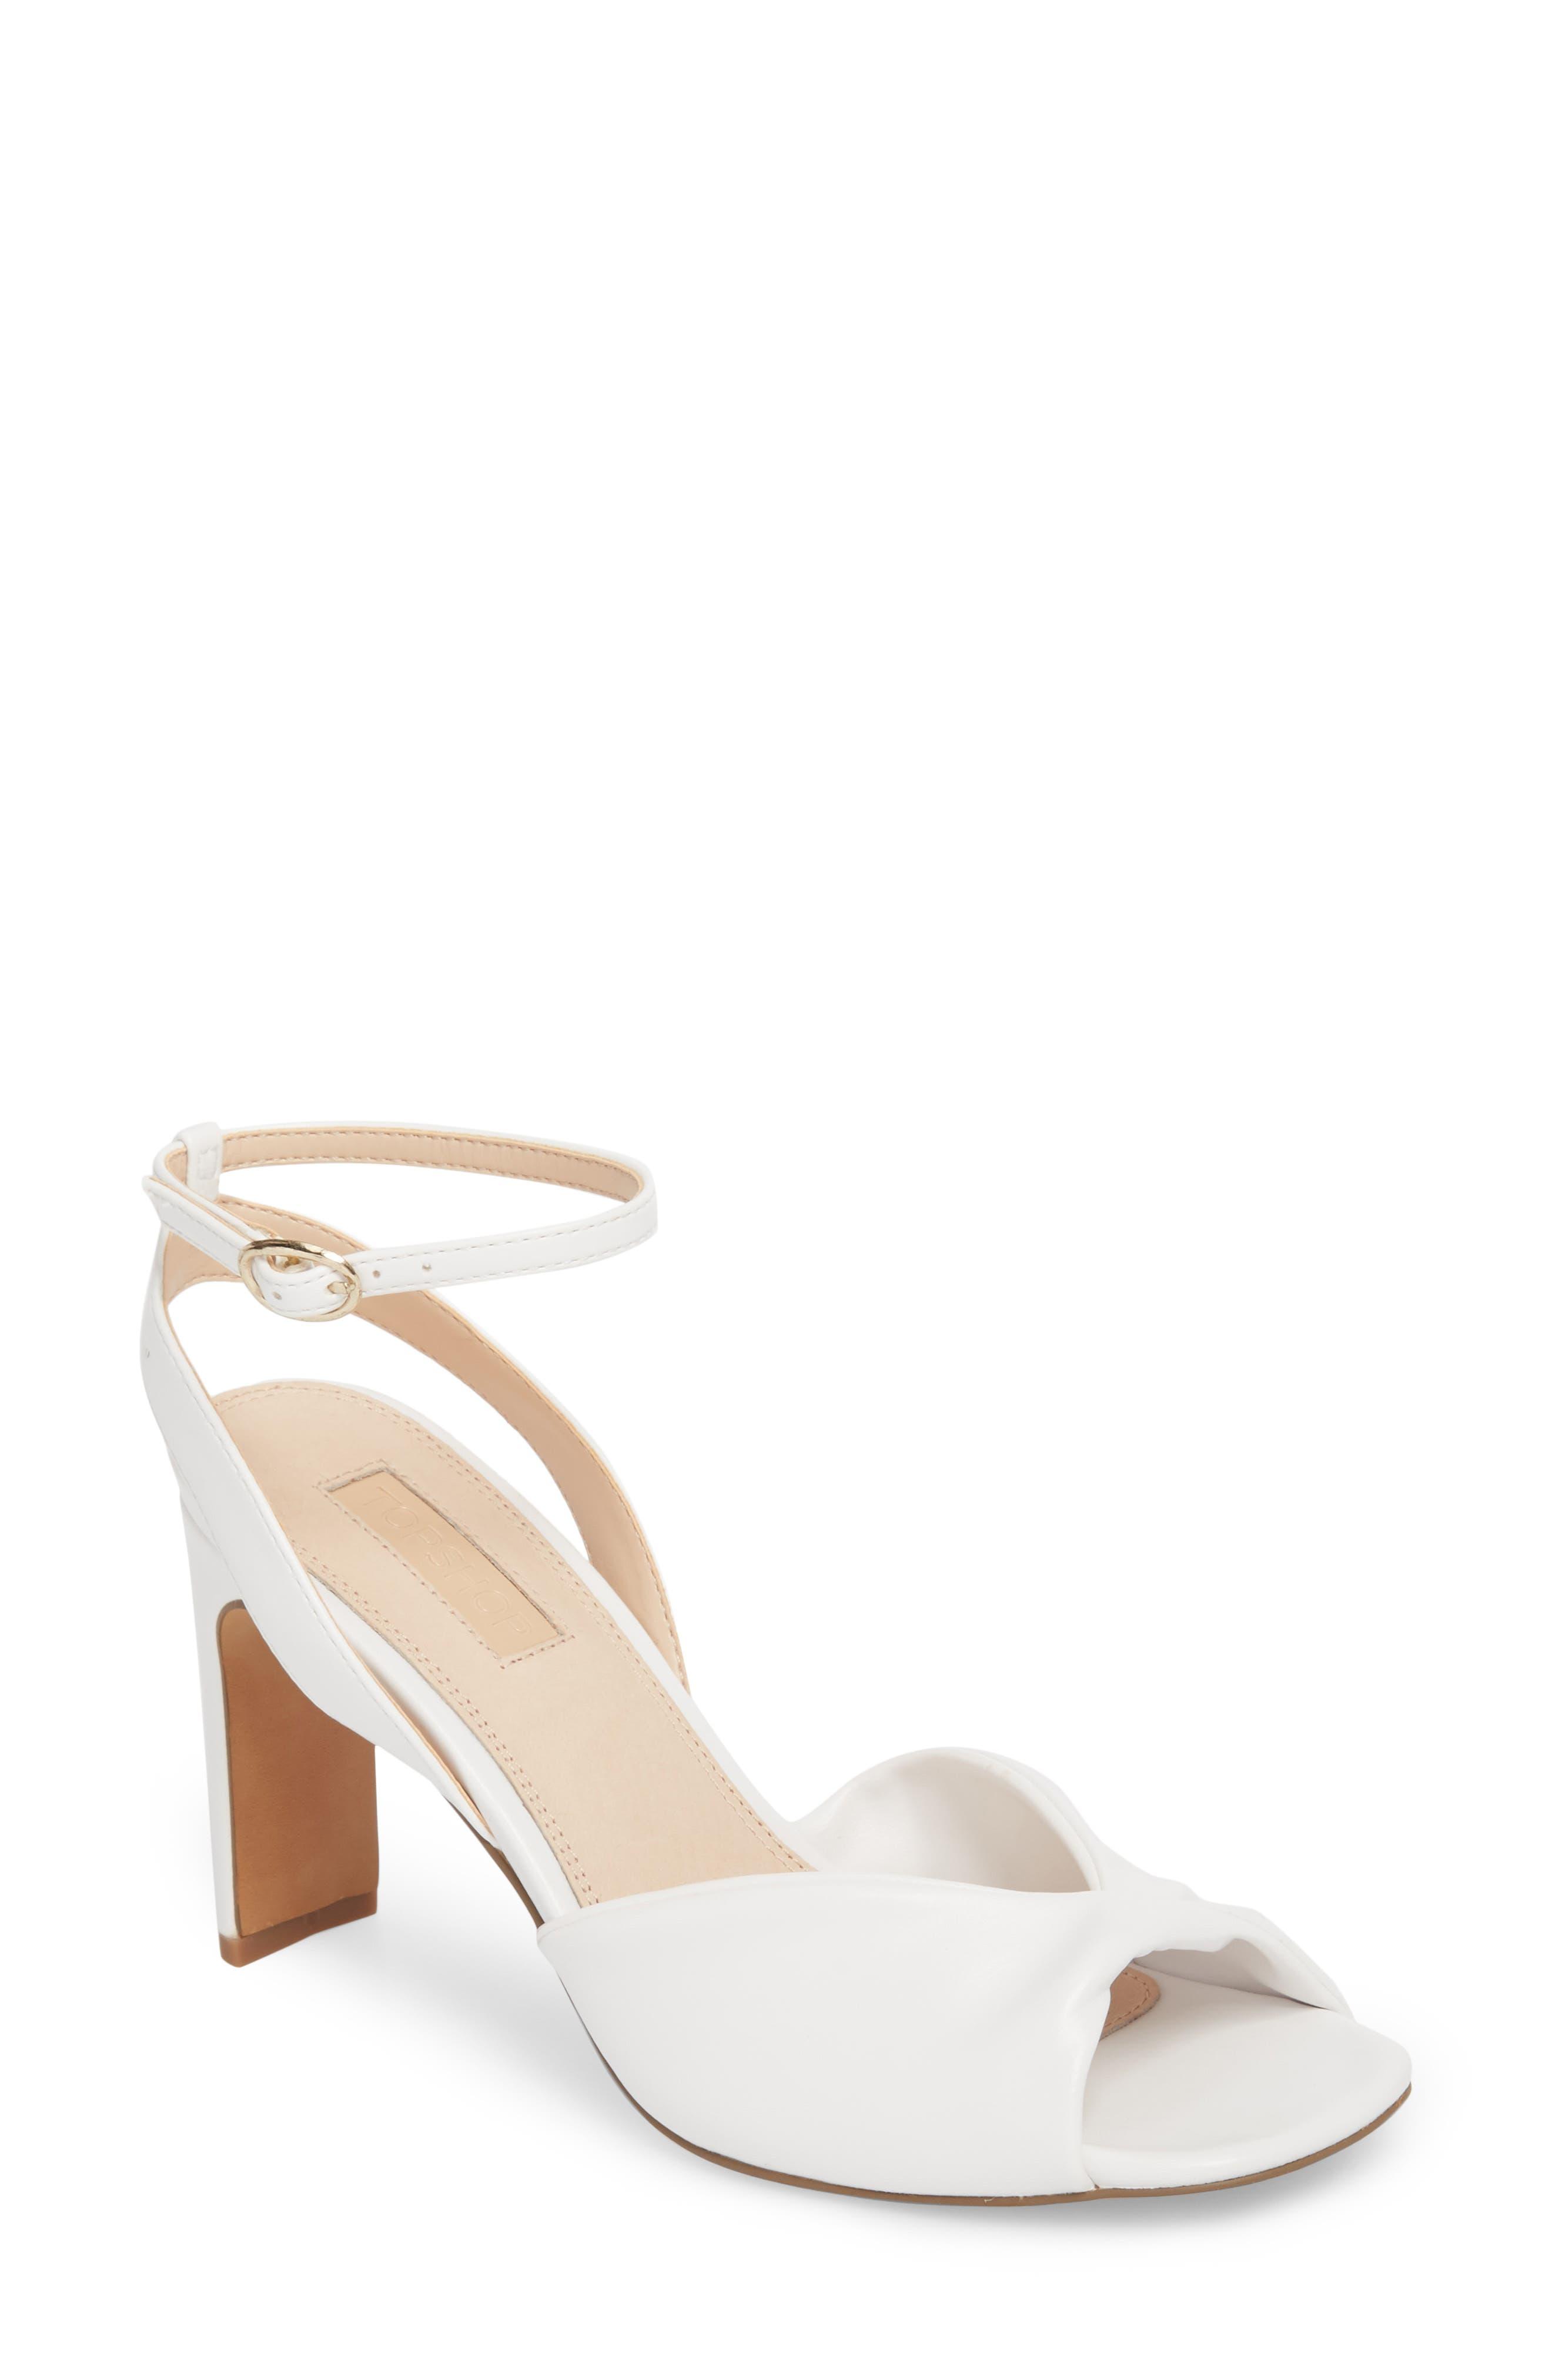 Raven Skinny Heel Sandal,                         Main,                         color, White